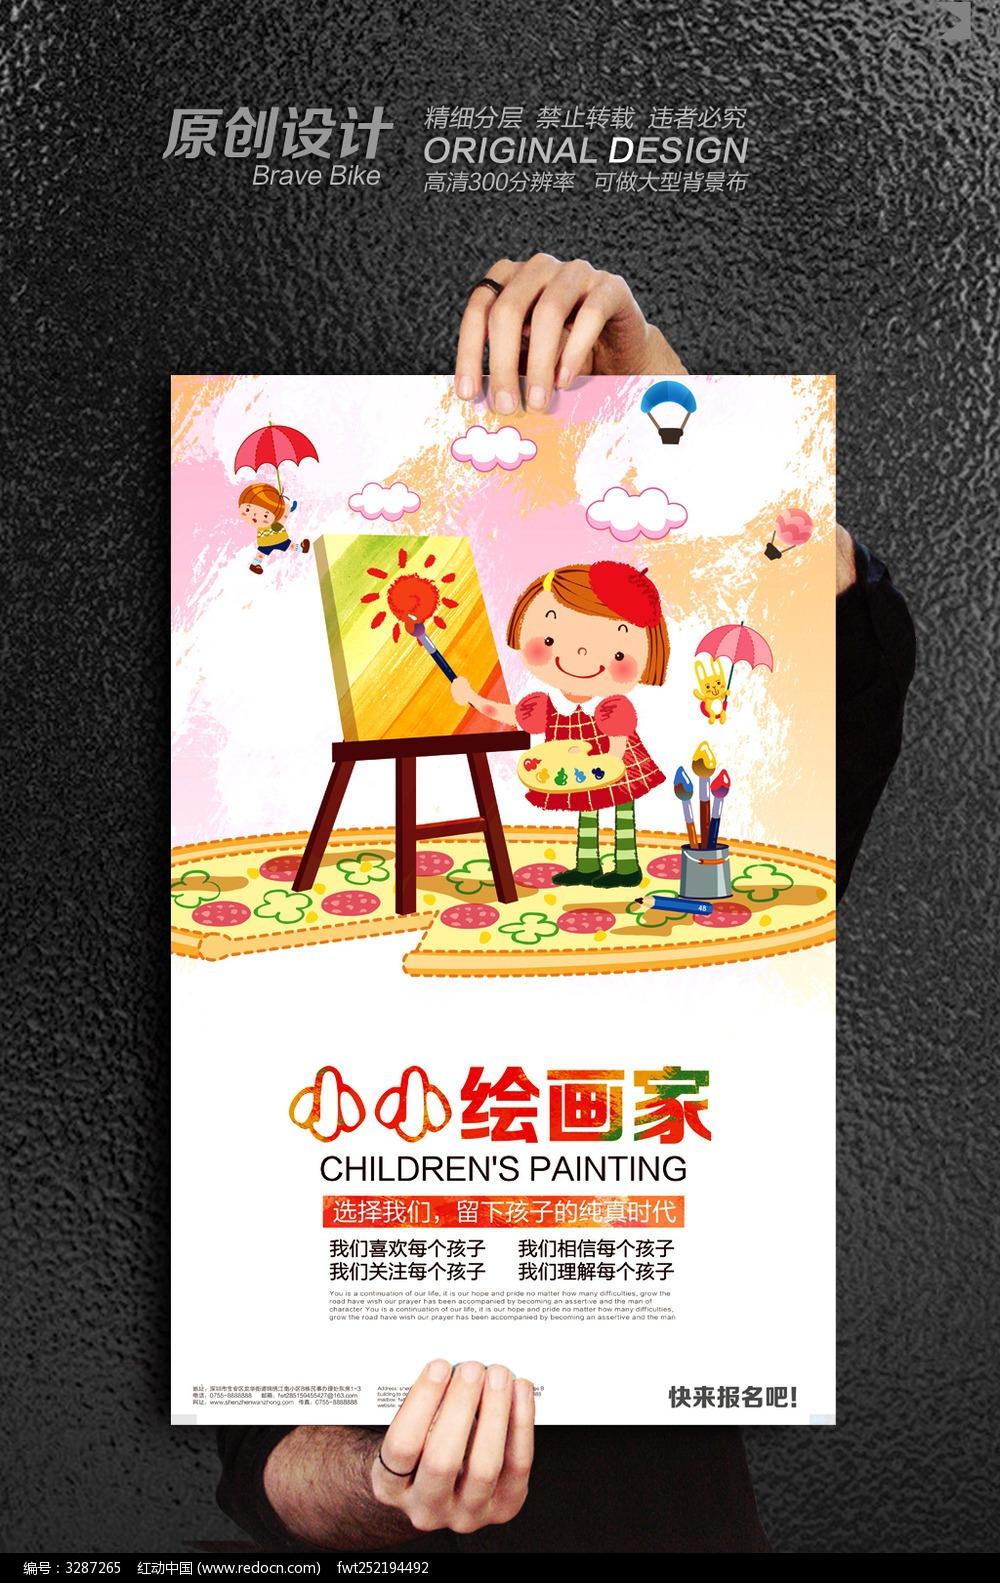 少儿绘画比赛宣传海报